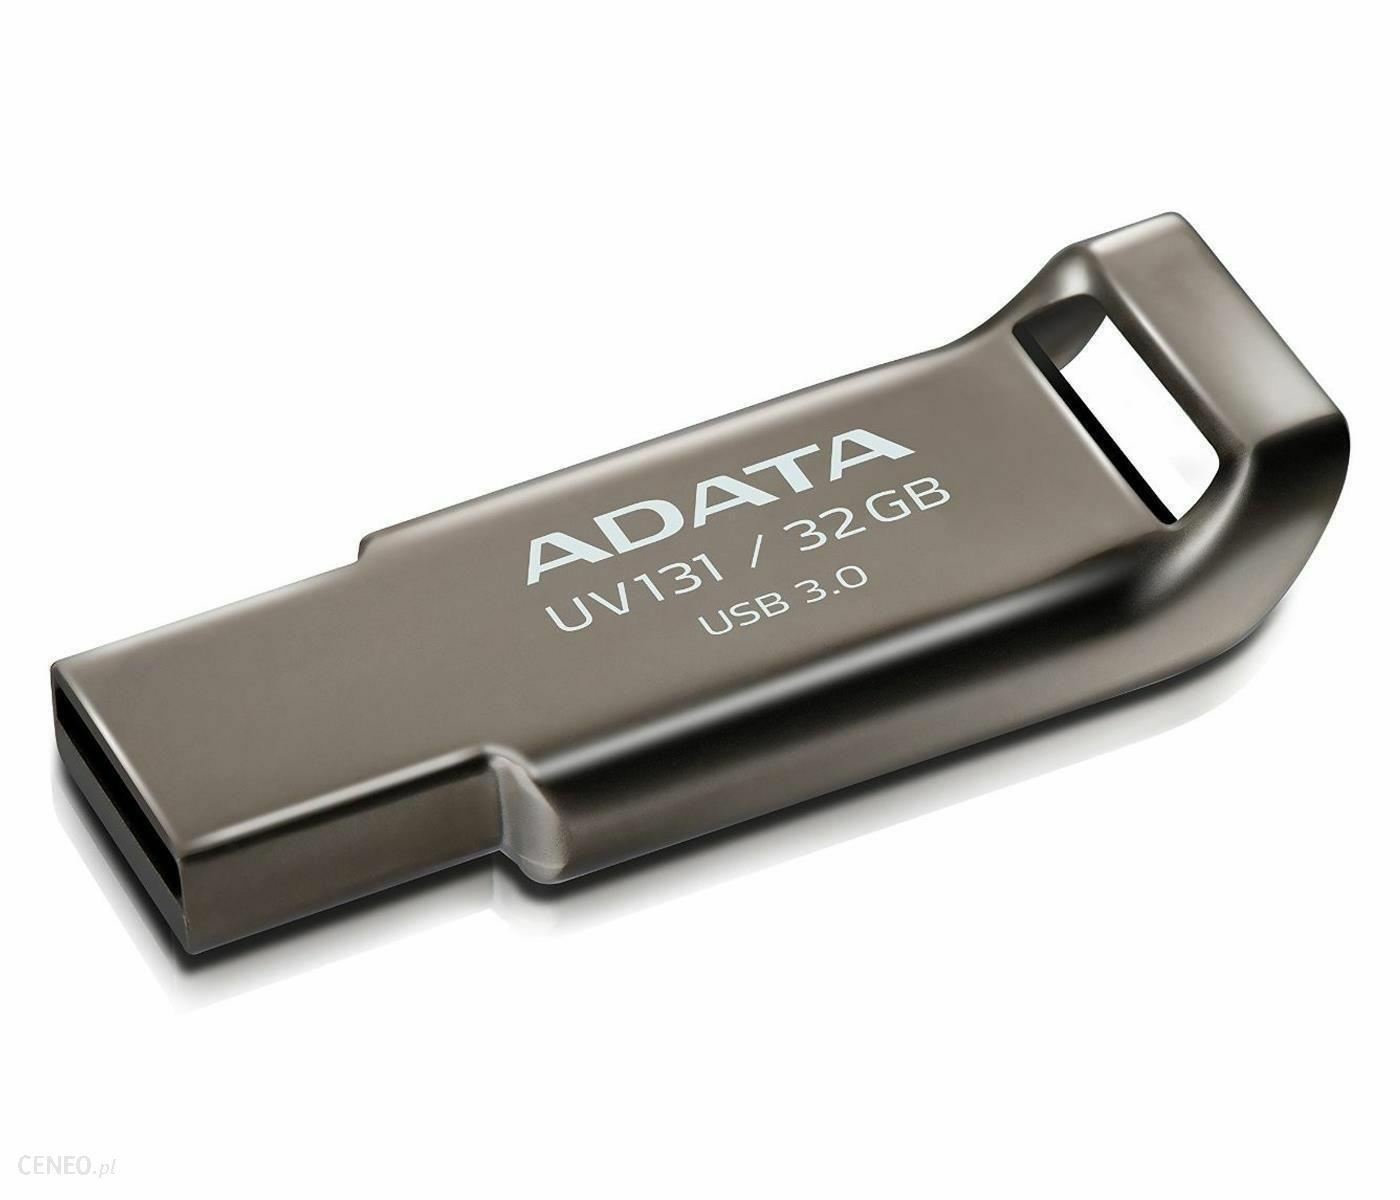 Pendrive Adata 32GB USB 3.0 Aluminium